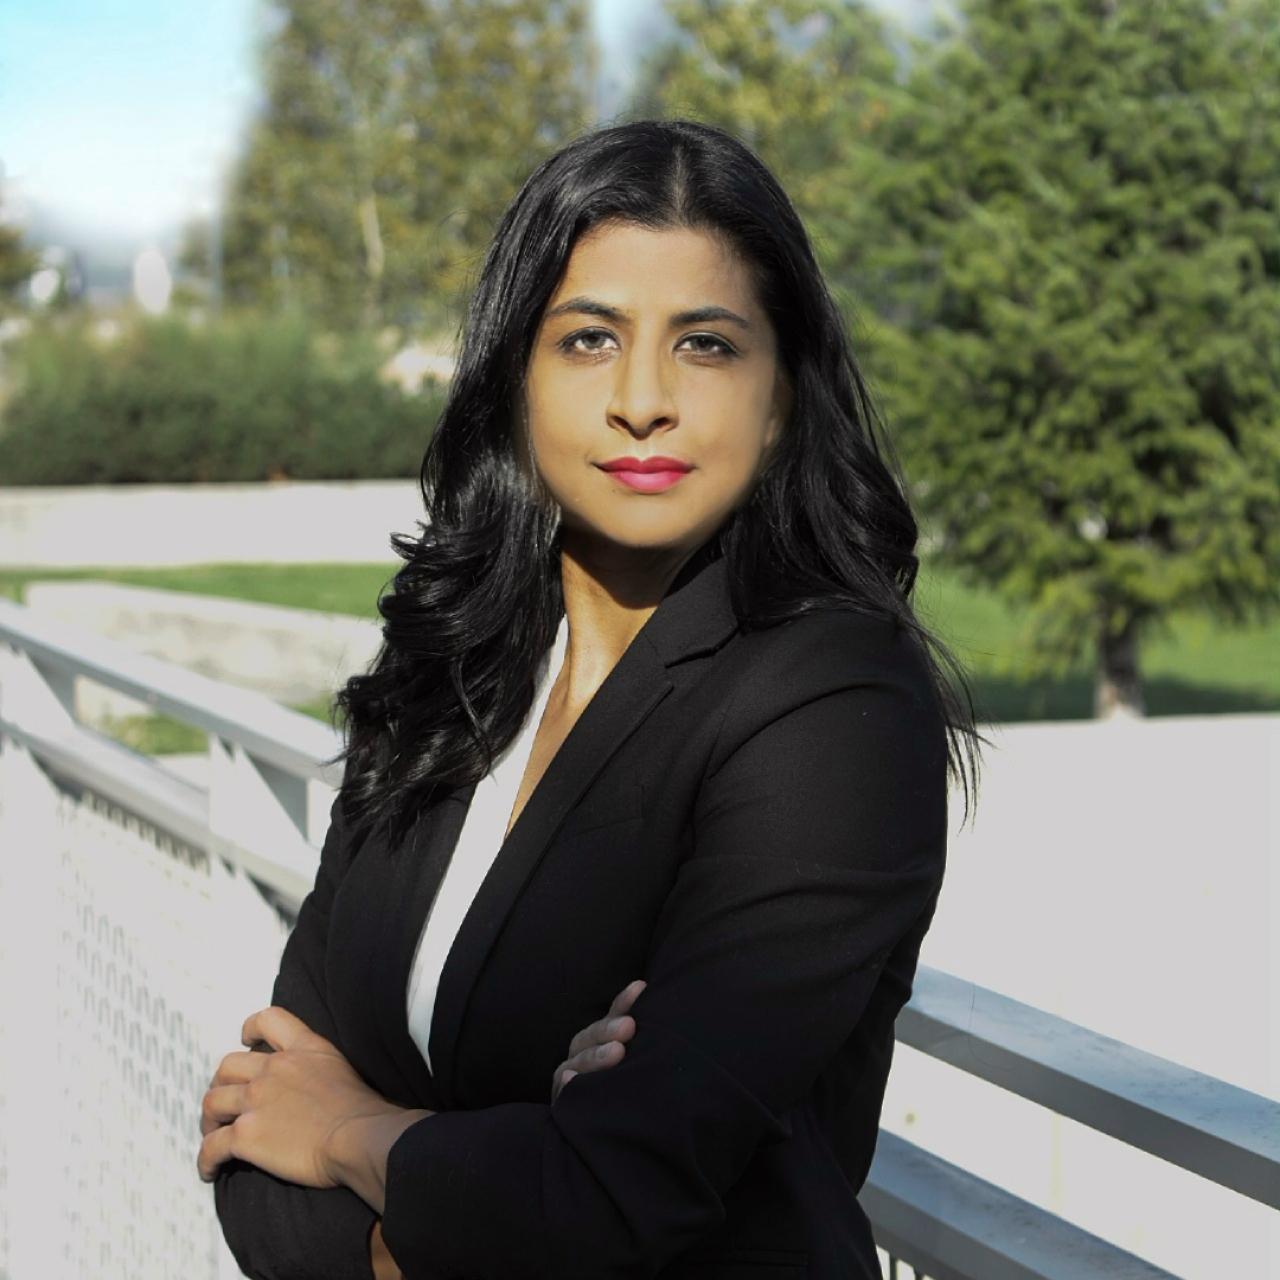 Sehra, Parveen